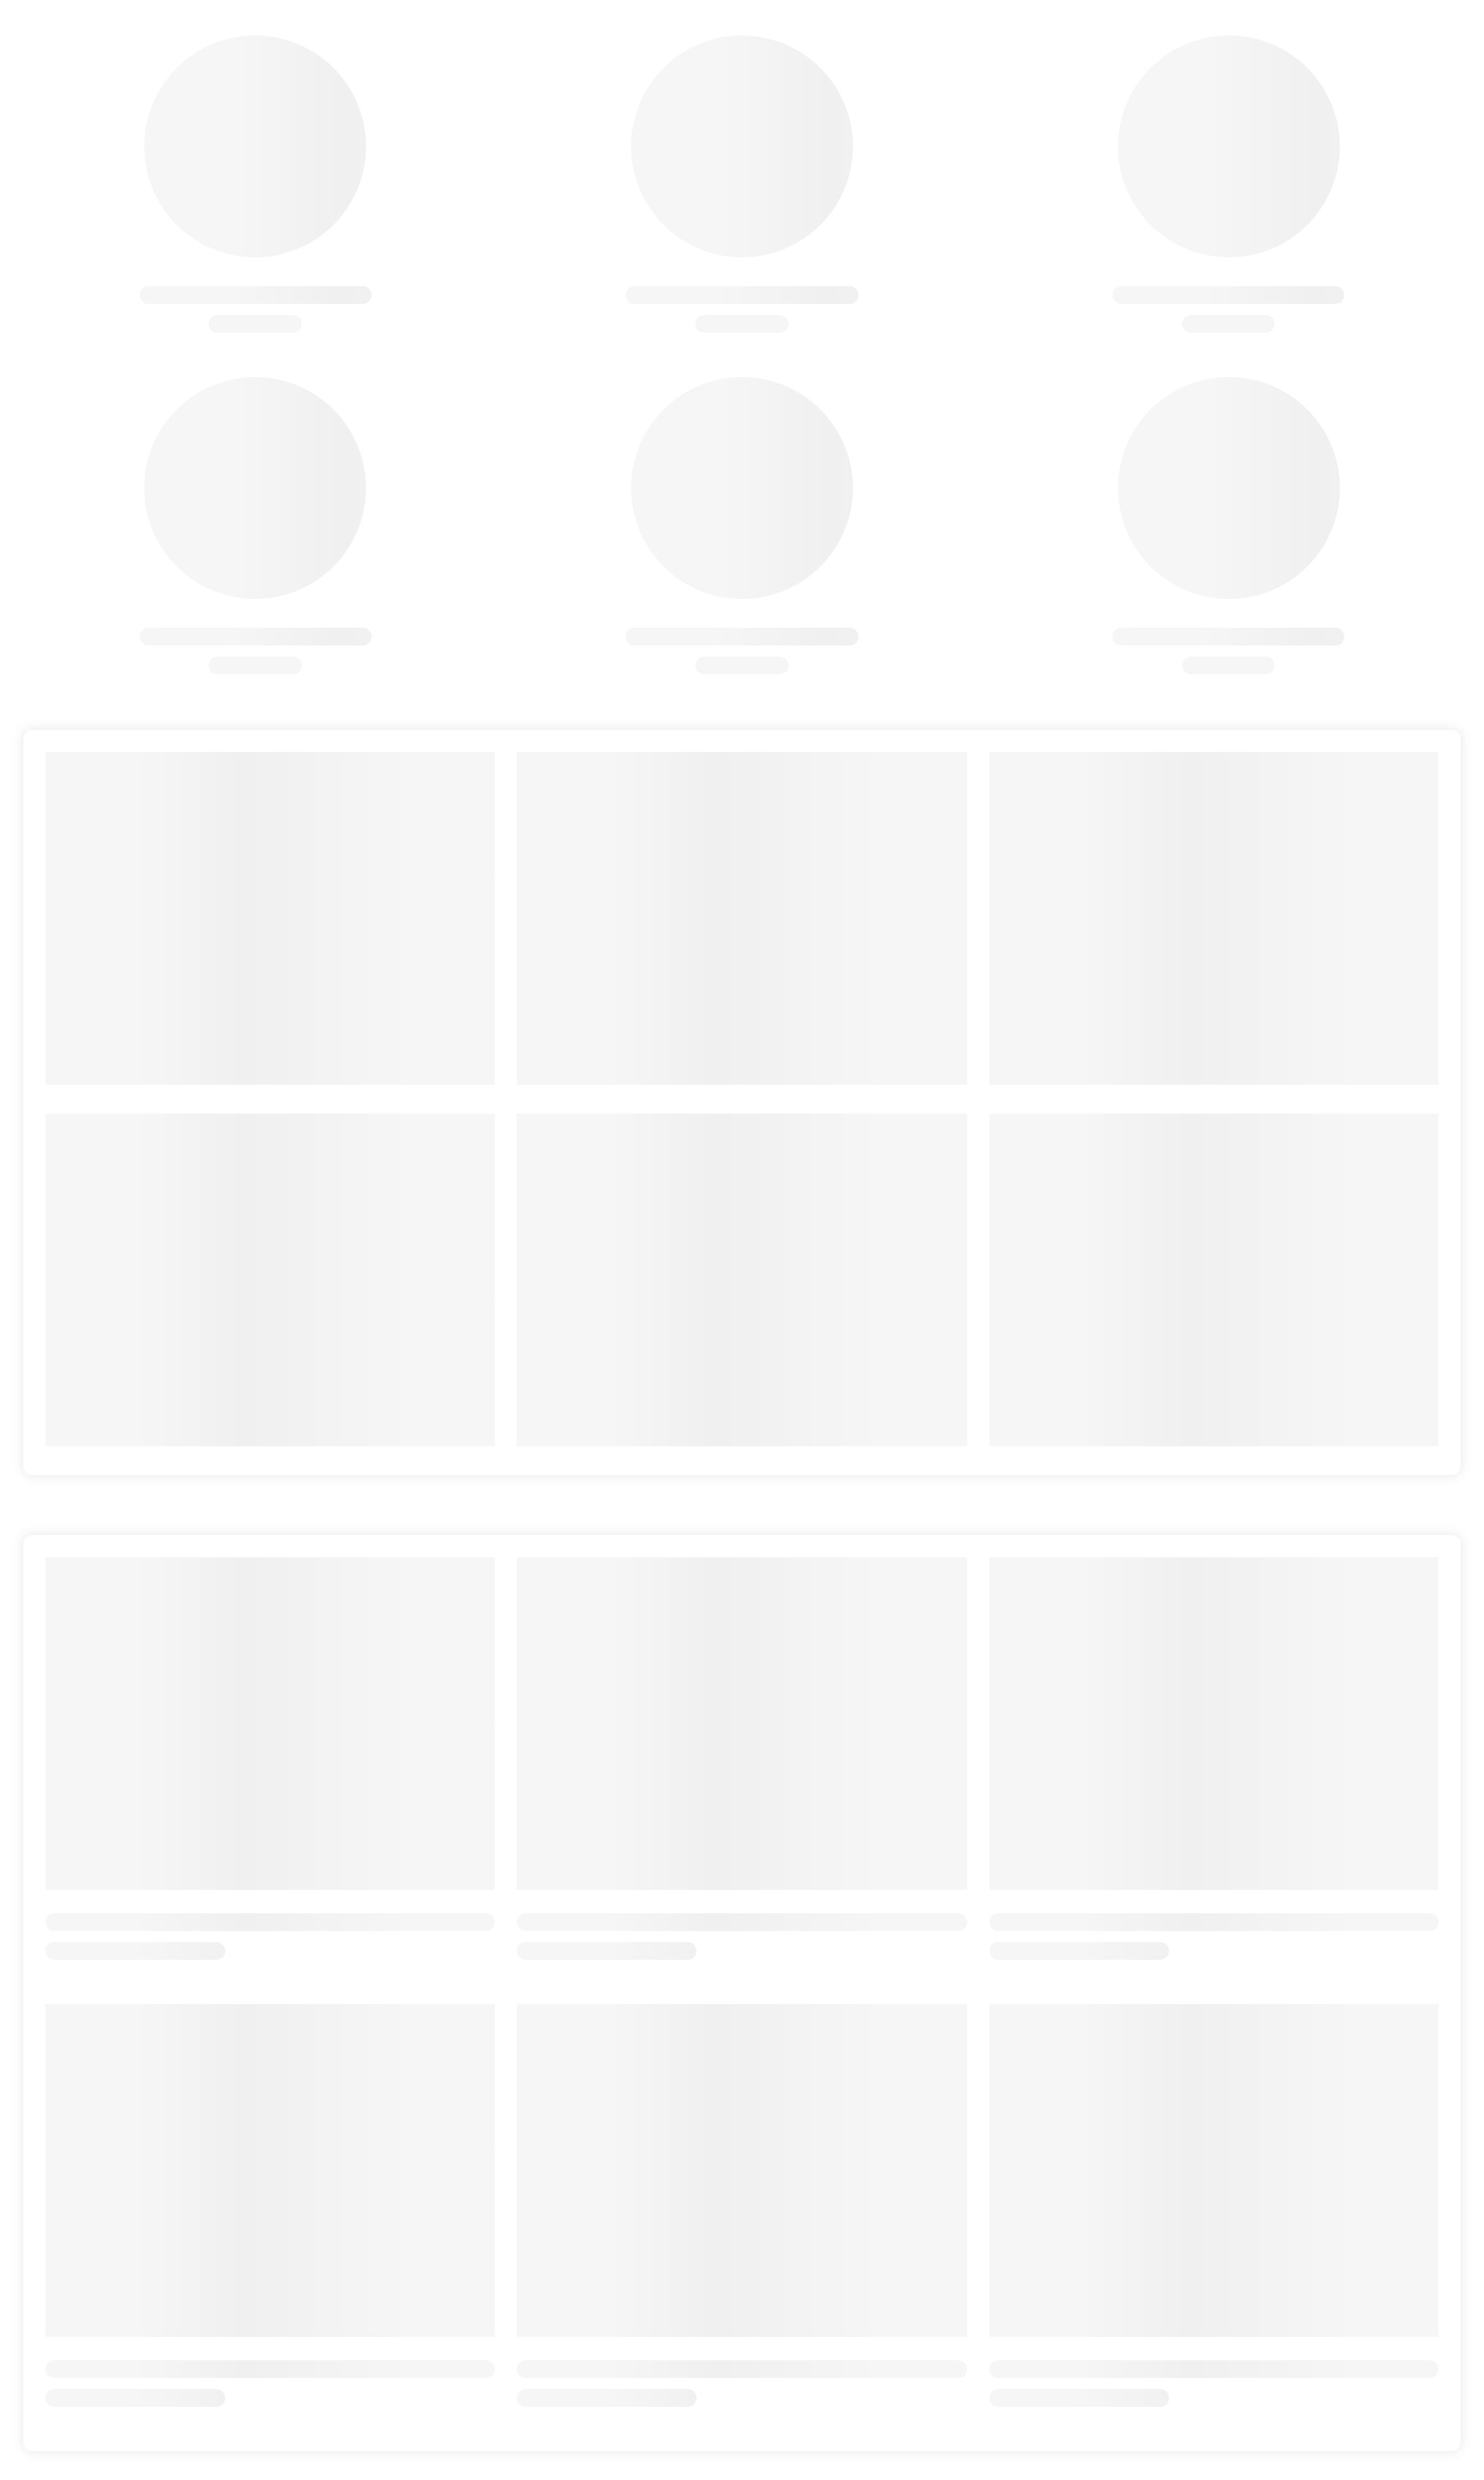 simple-gallery